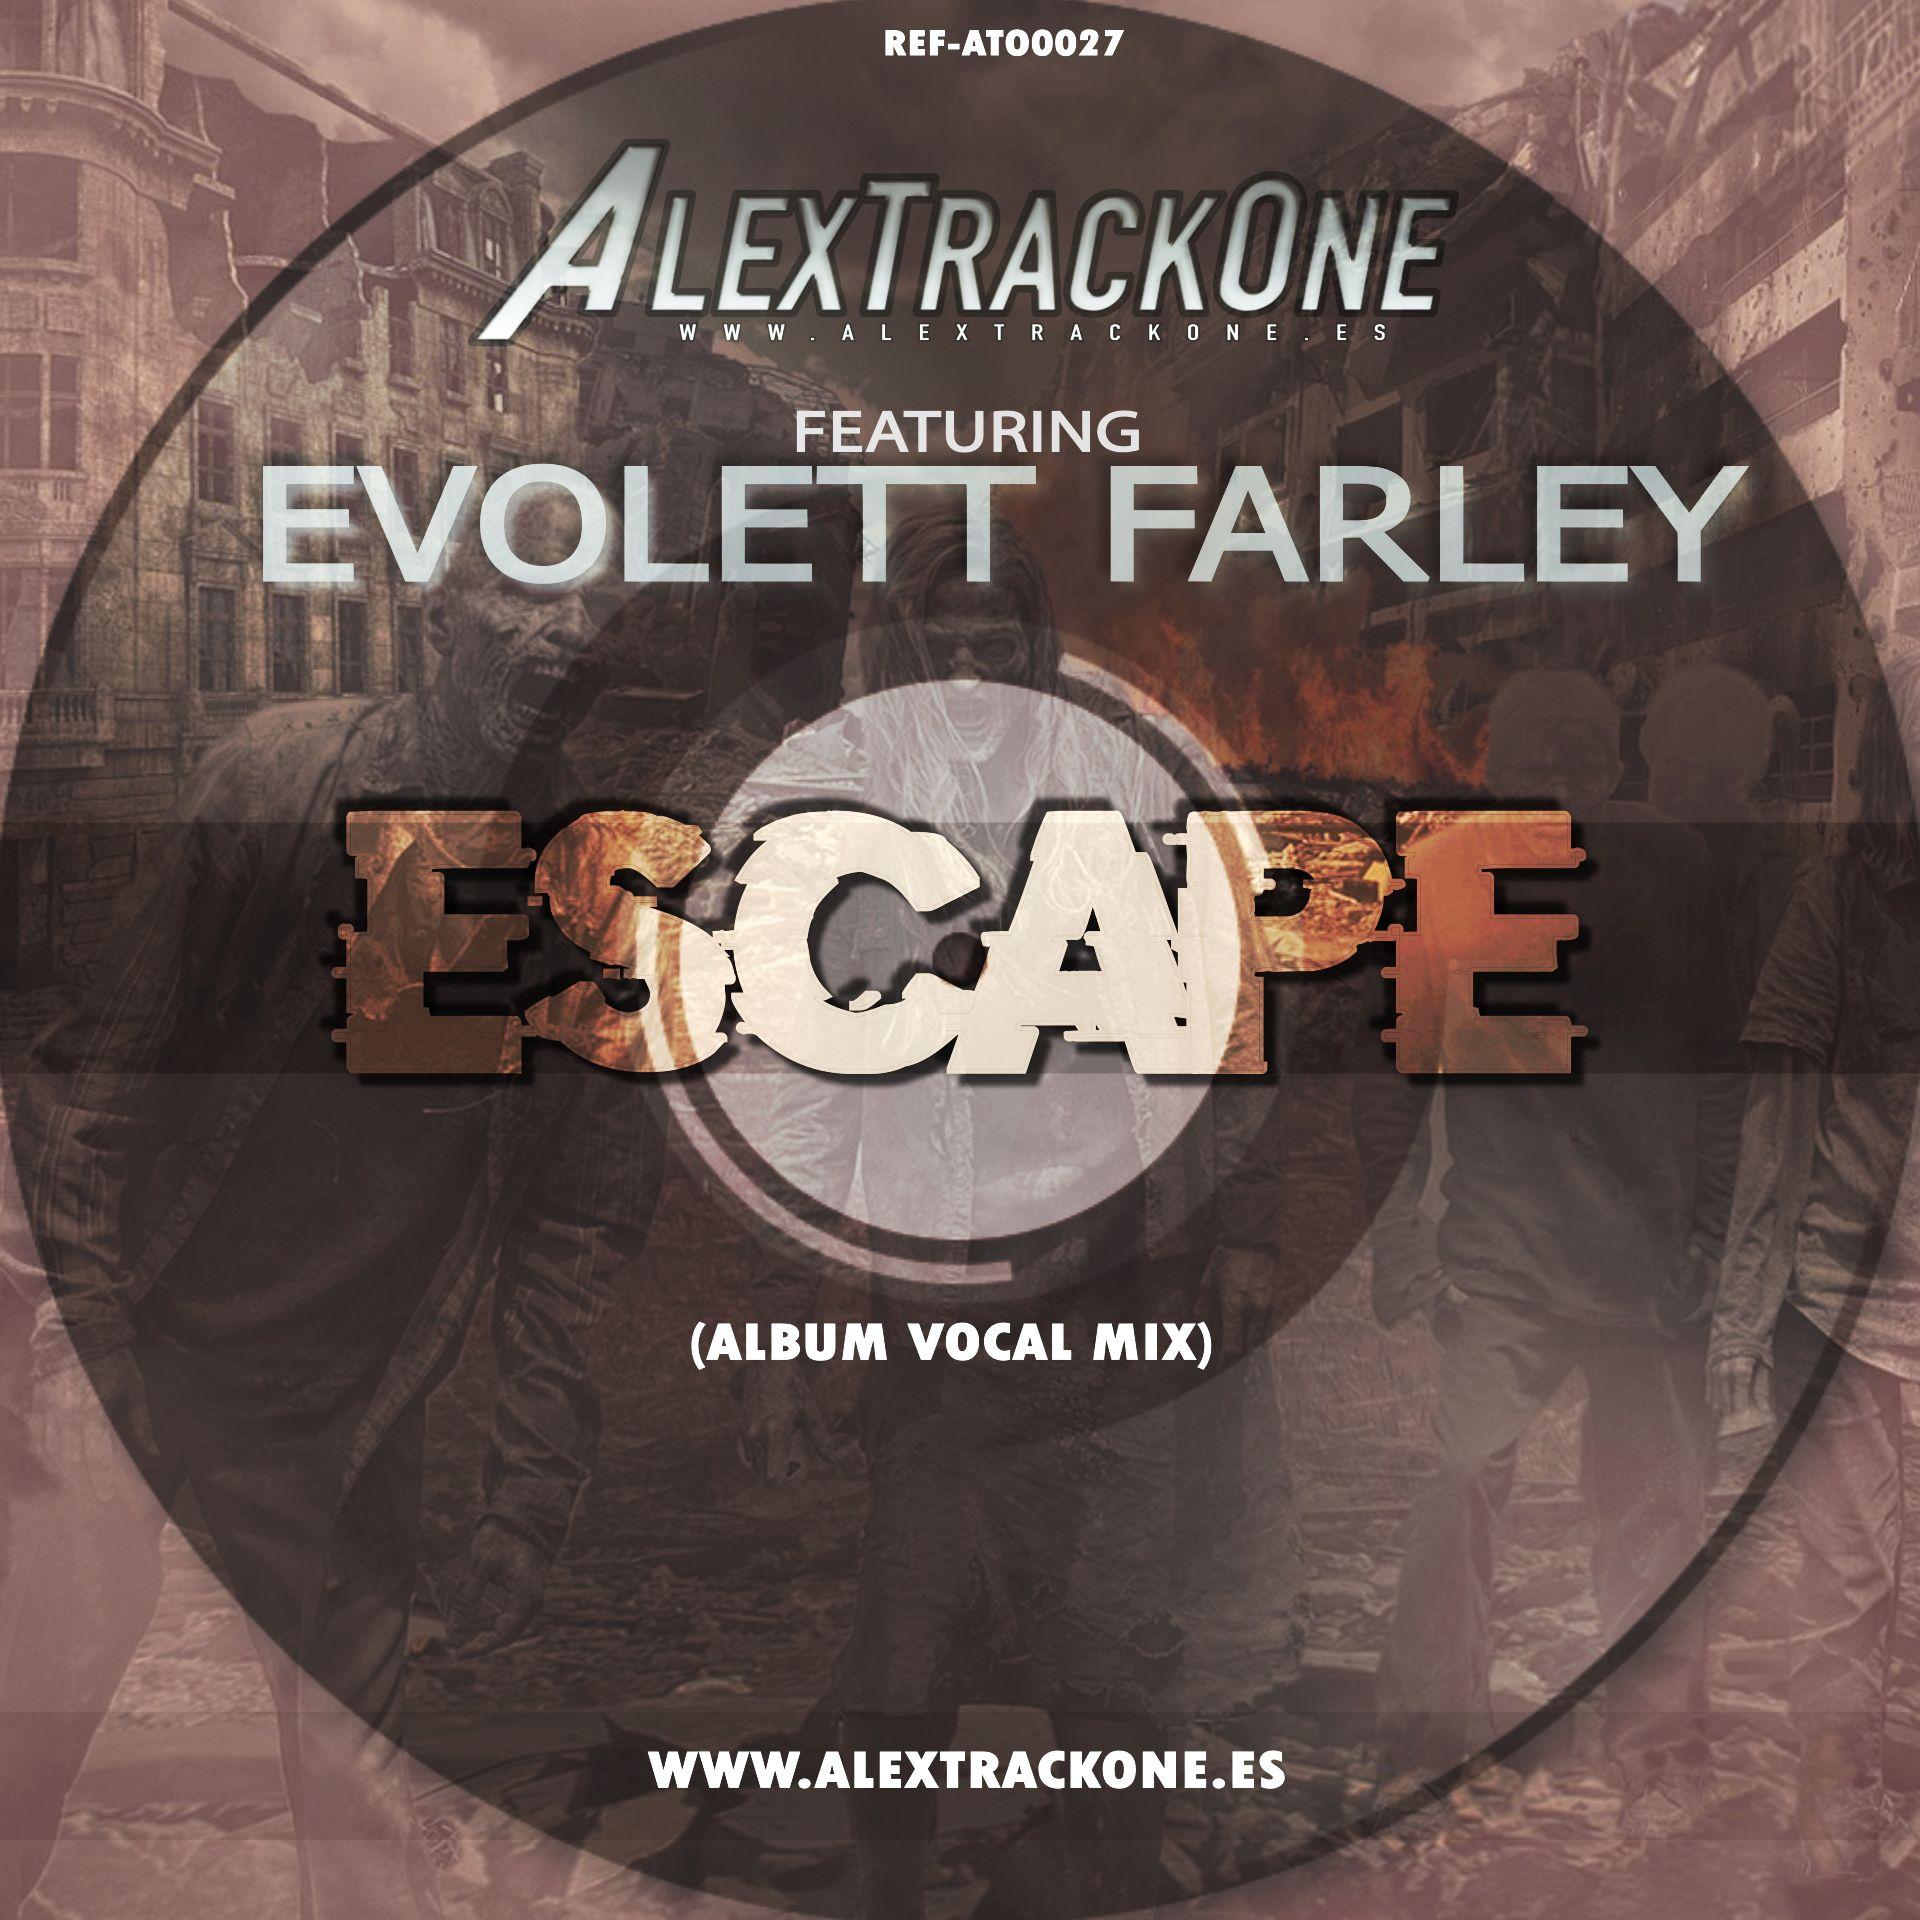 REF-ATO0027 FEAT EVOLETT FARLEY - ESCAPE (ORIGINAL MIX) (MP3 & WAV)